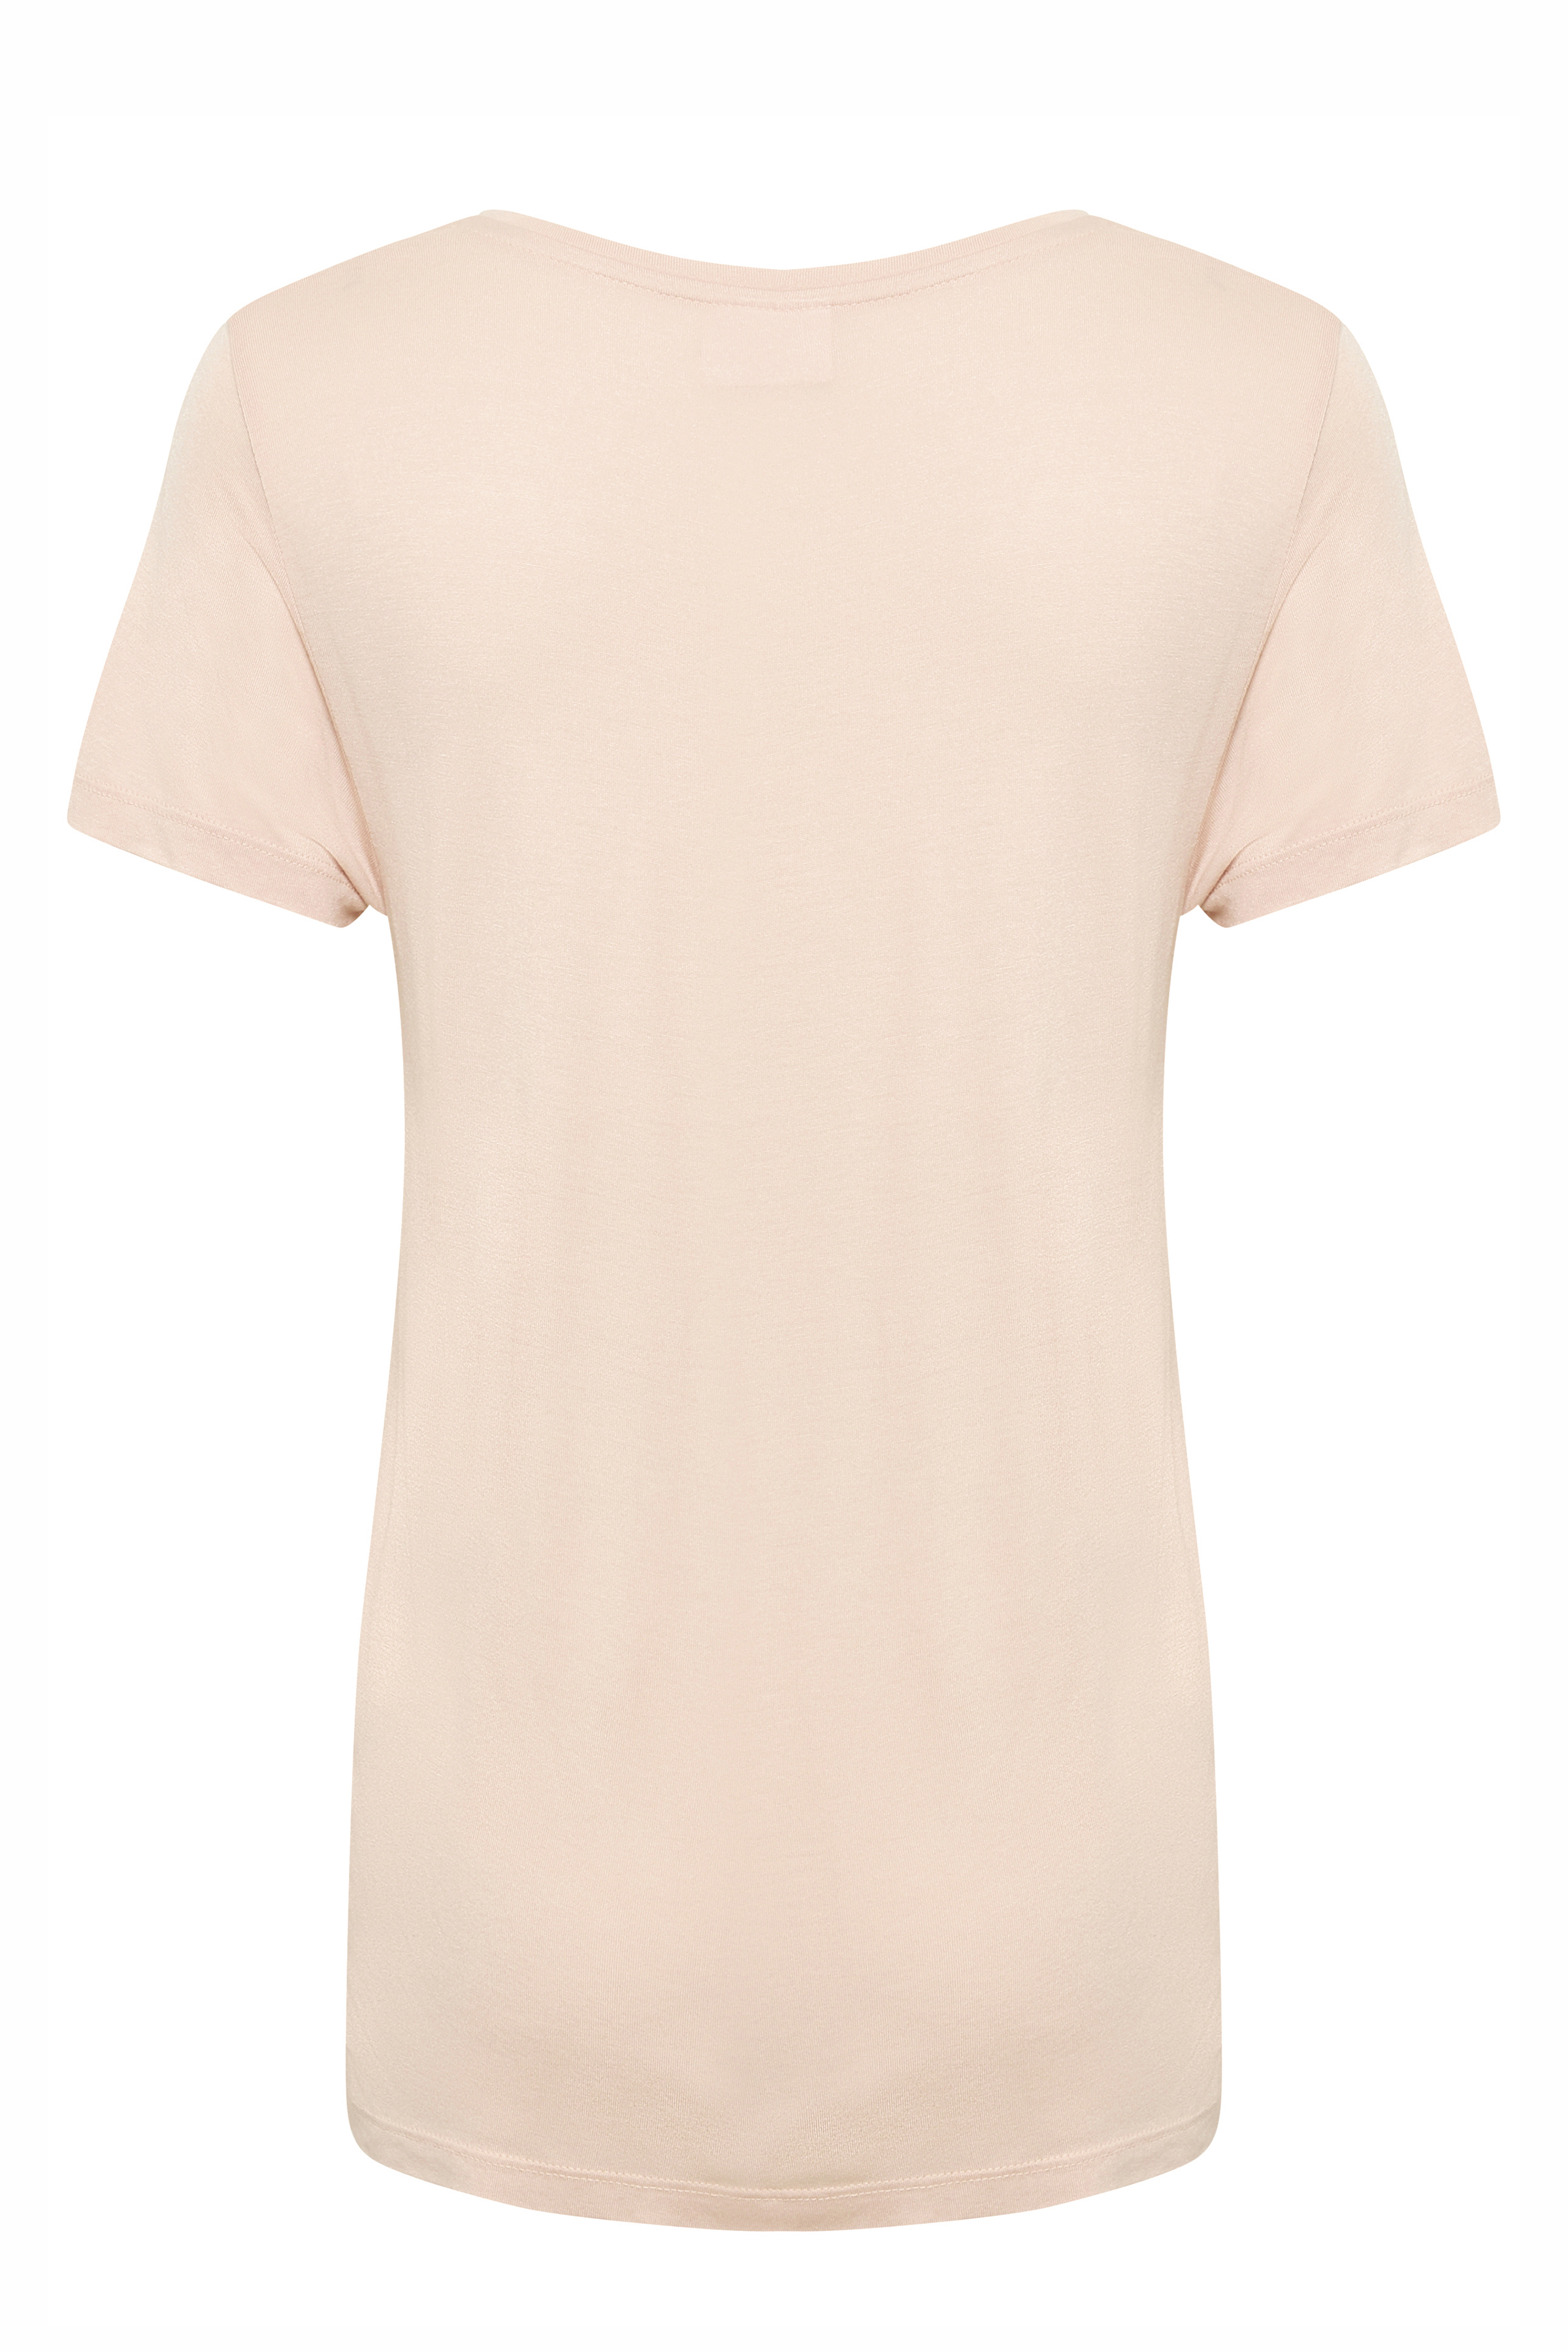 Pudder Kortærmet T-shirt fra Kaffe – Køb Pudder Kortærmet T-shirt fra str. XS-XXL her